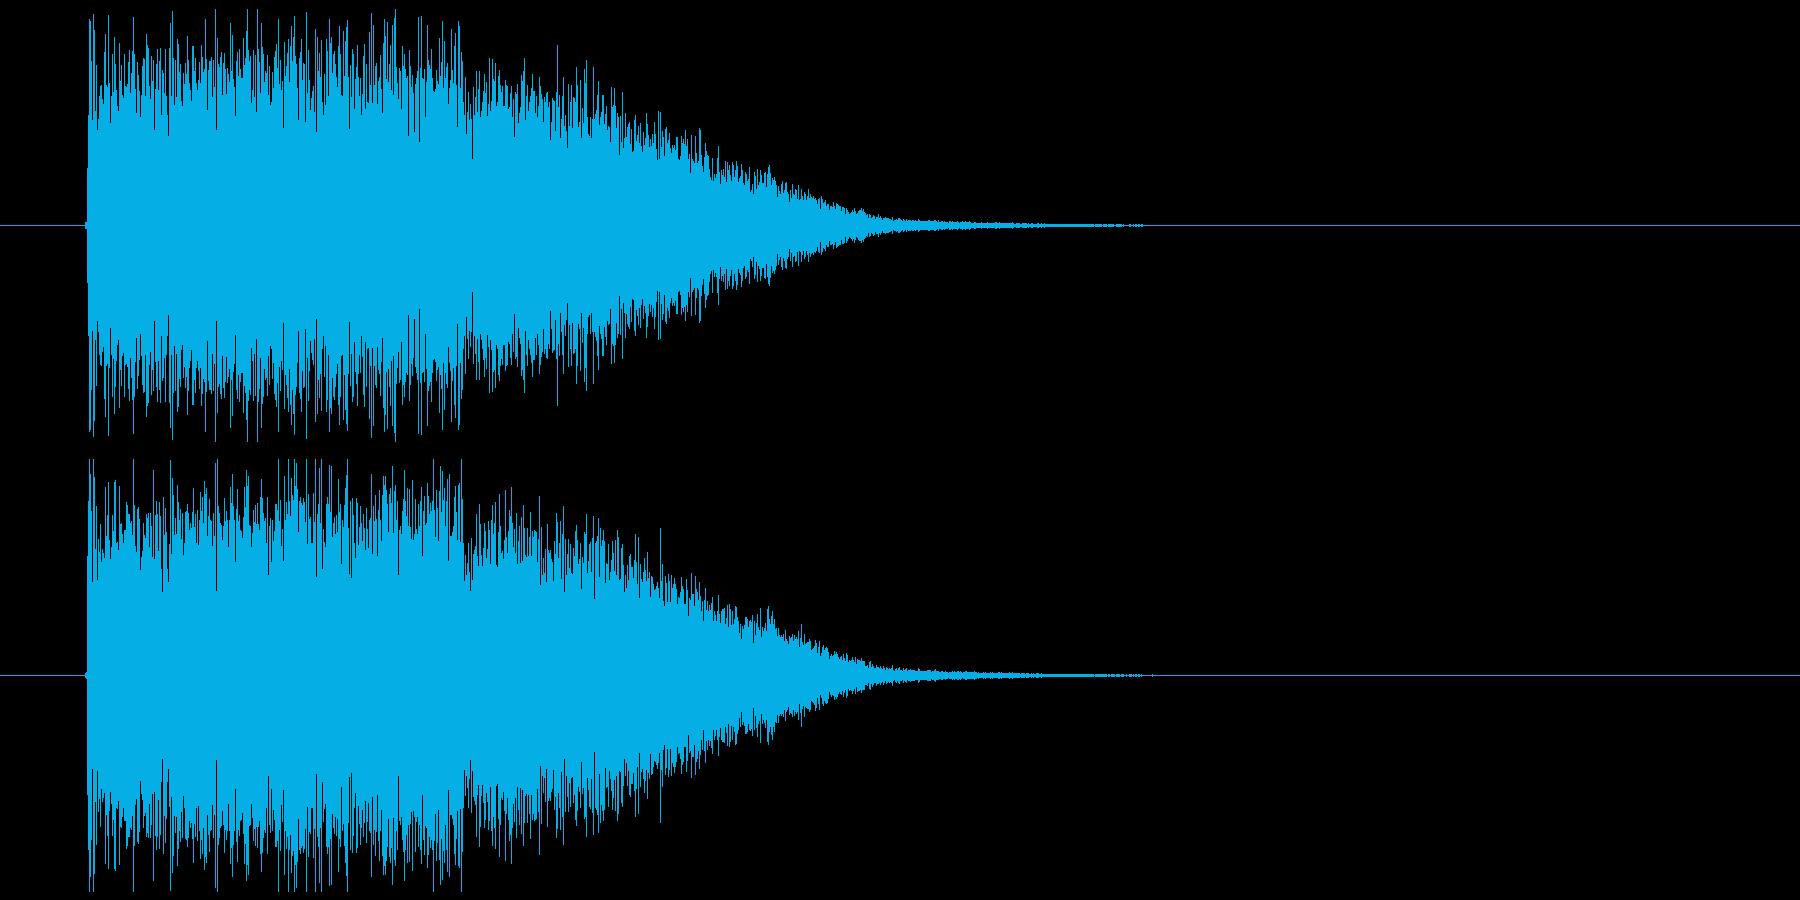 金属系インパクト音の再生済みの波形